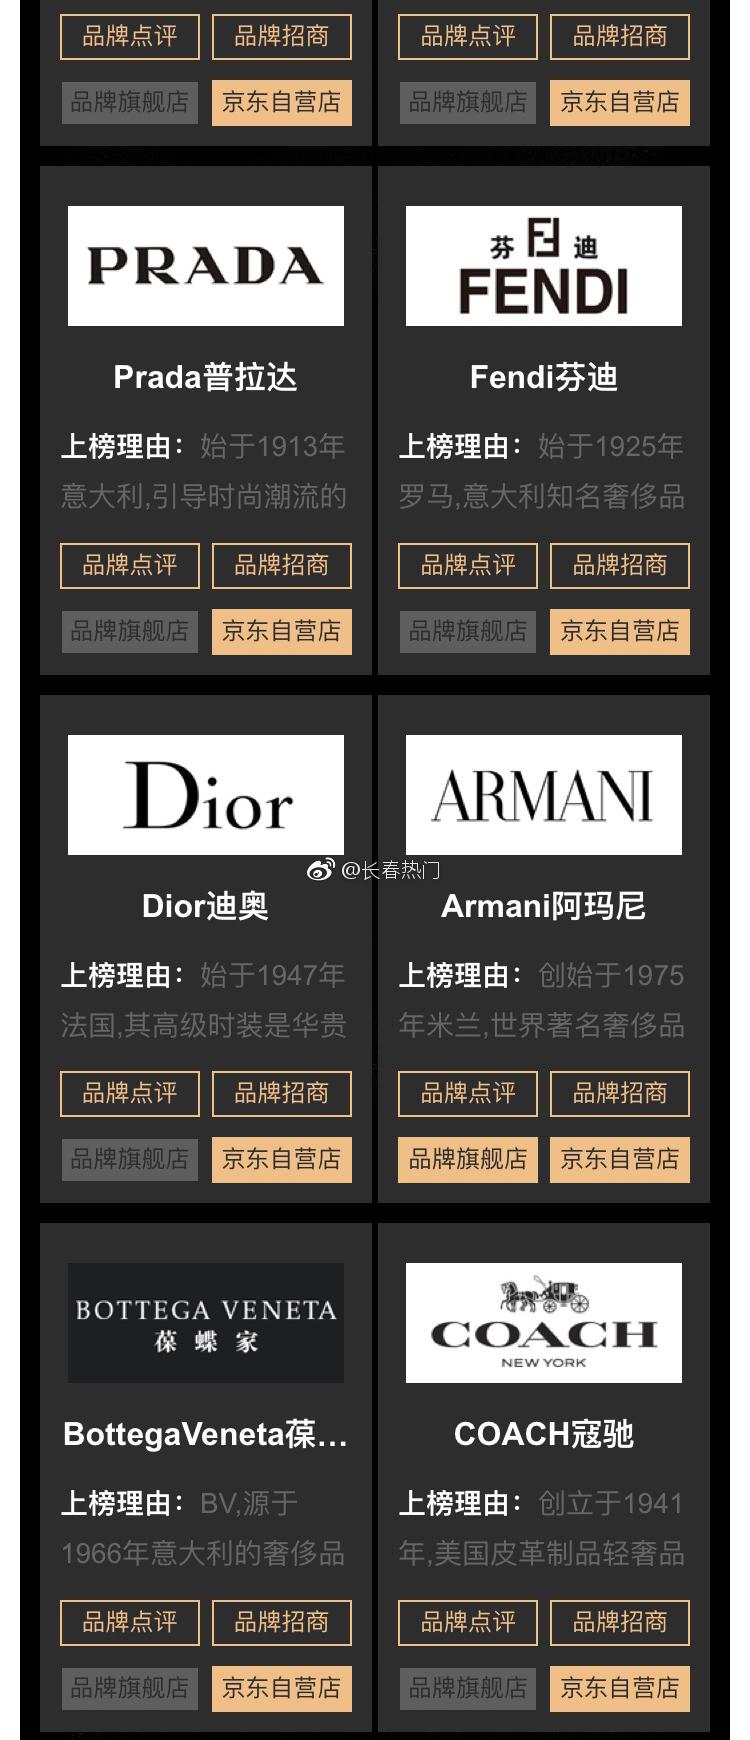 世界皮具十大品牌,你喜欢哪个包包?本人喜欢阿玛尼